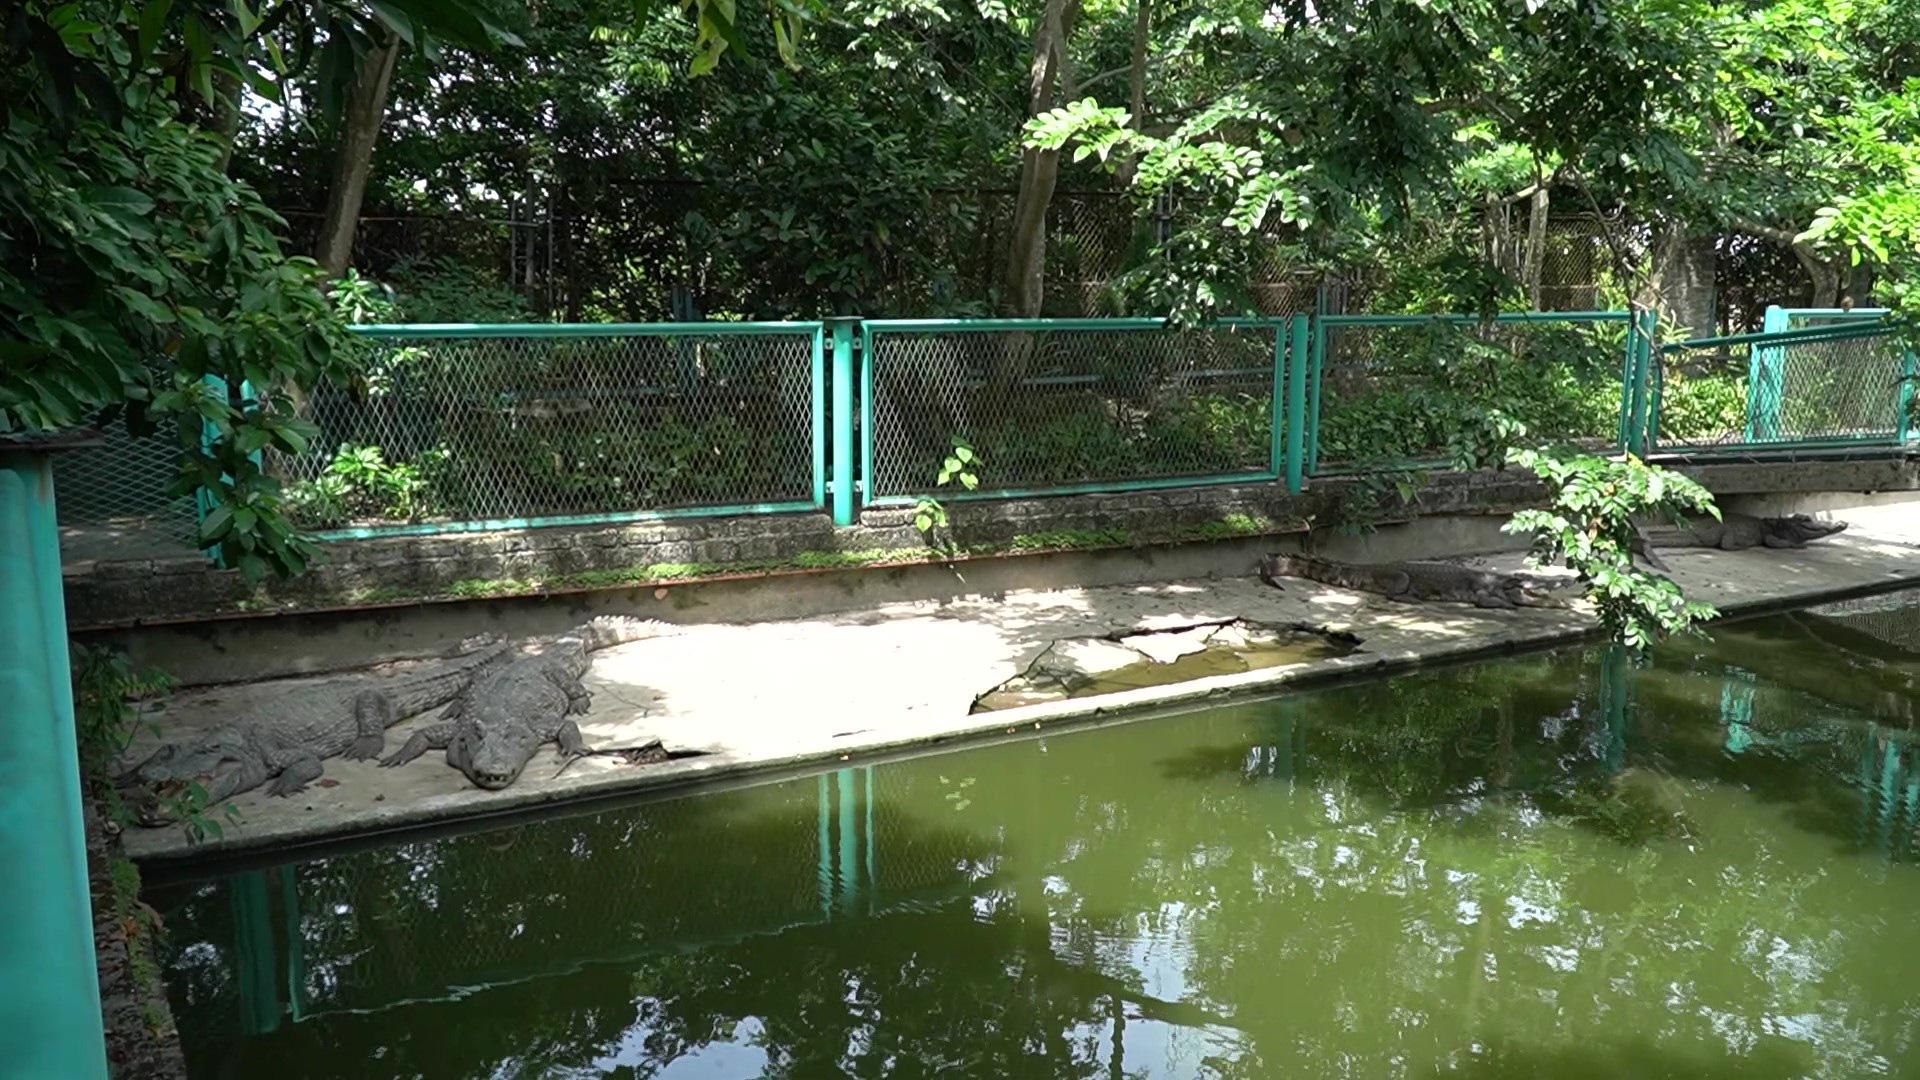 Trại cá sấu lớn nhất miền Bắc lao đao vì Covid-19 - Ảnh 2.